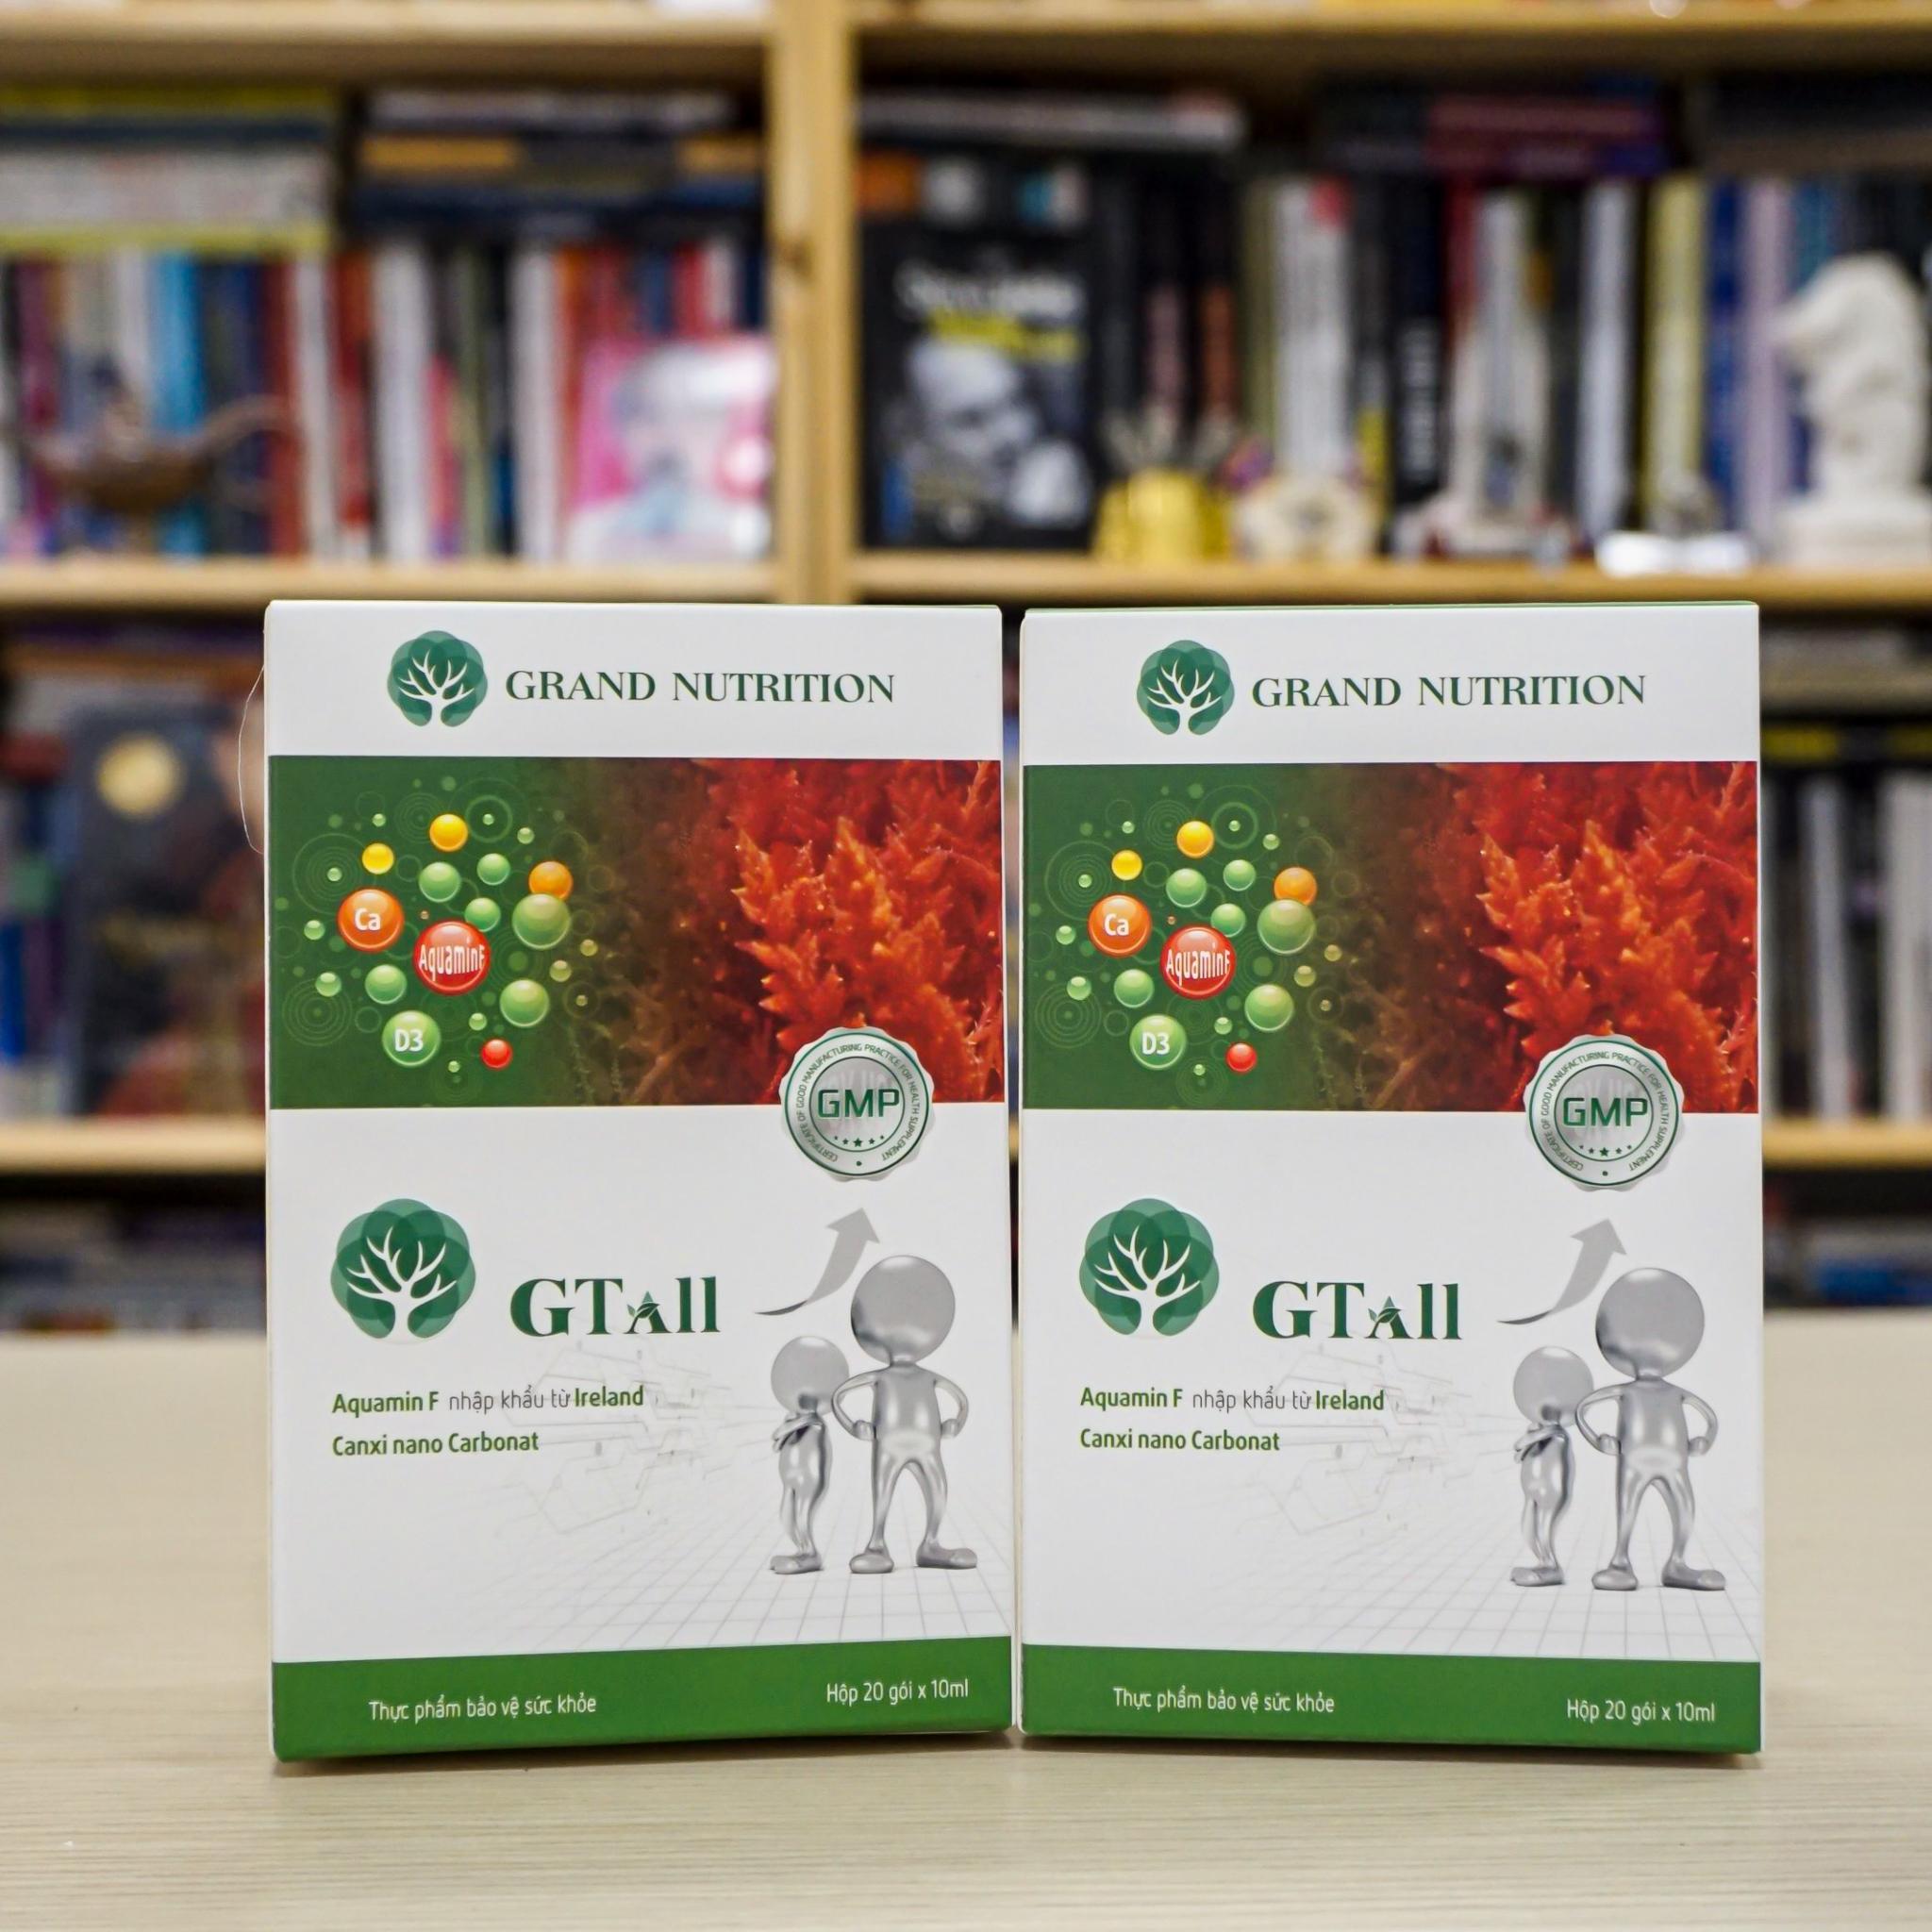 Sản phẩm nước tăng chiều cao GTall được giới chuyên gia đánh giá cao bởi hiệu quả tăng chiều cao tự nhiên ở trẻ